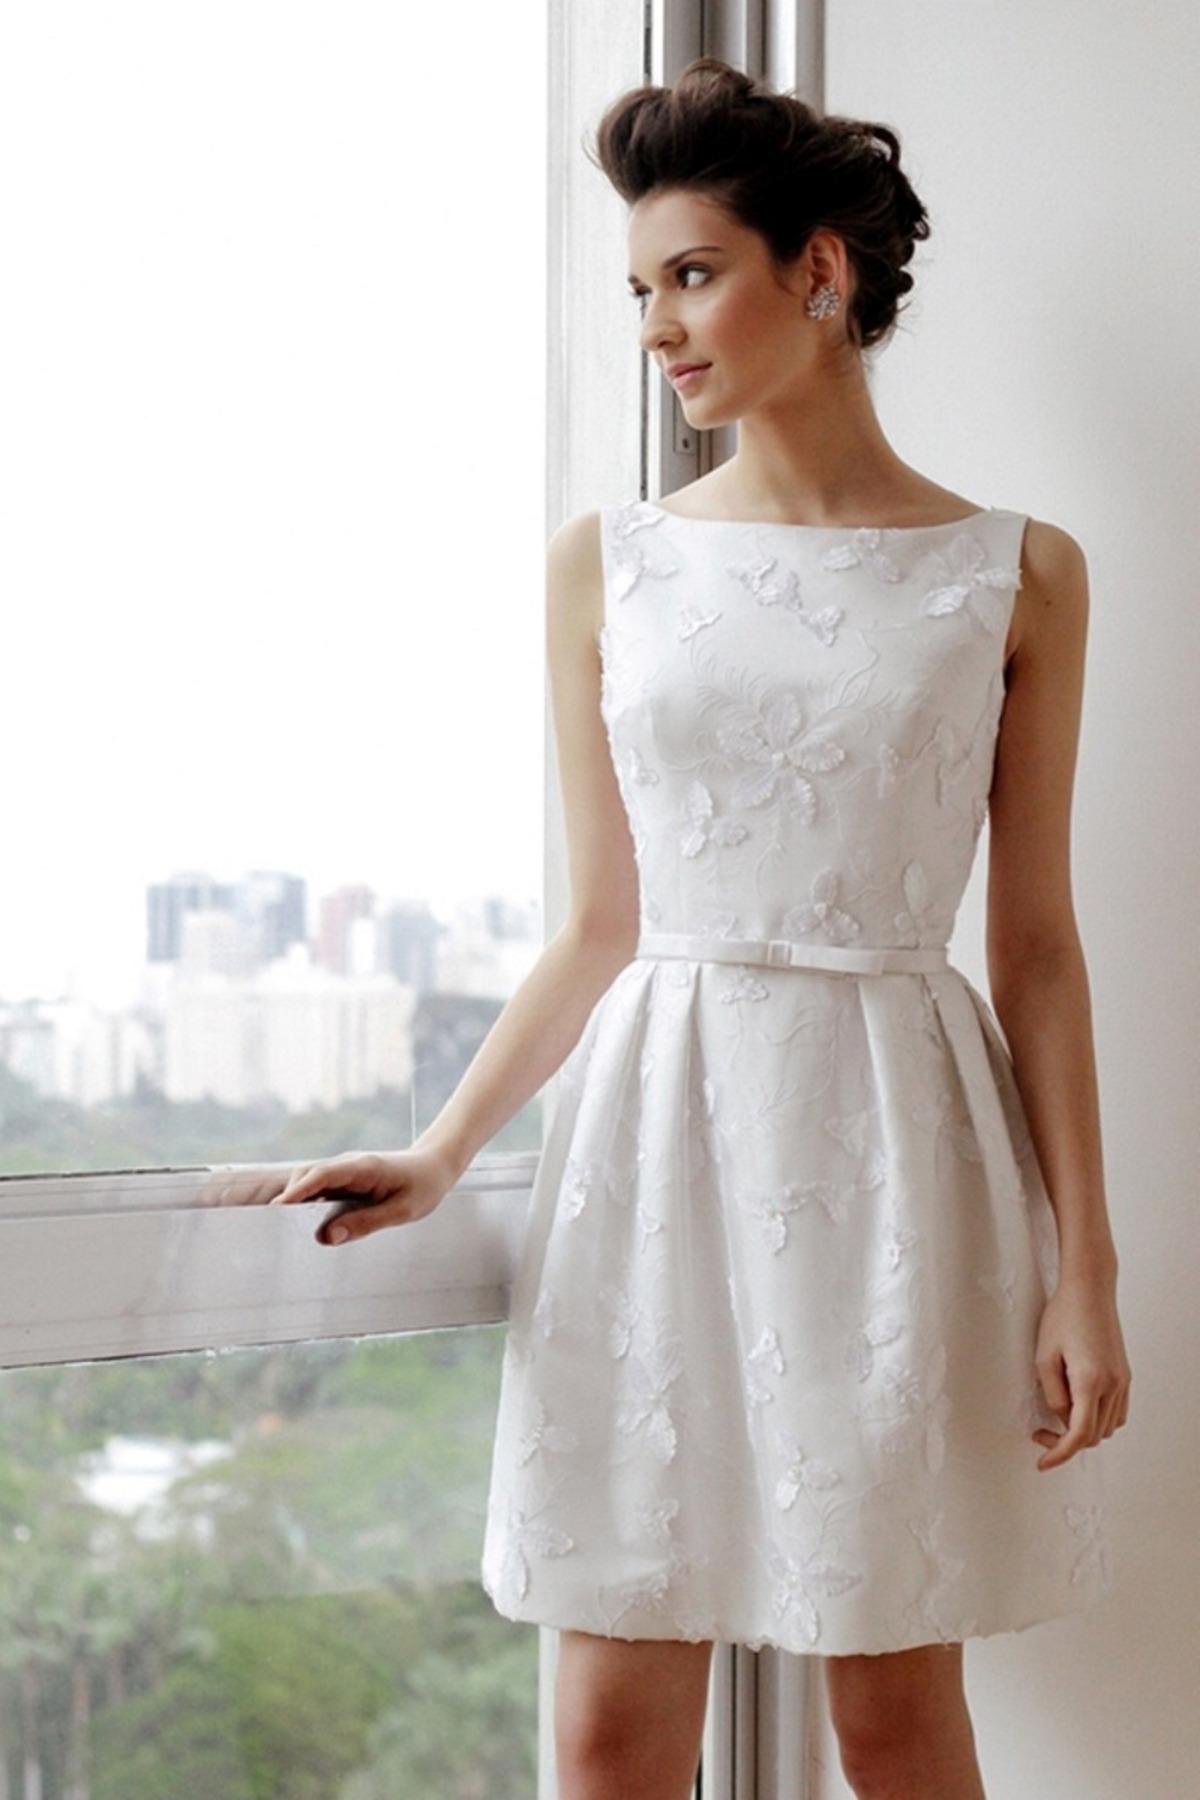 6ecb6d6eb Vestido de noiva para casamento civil: qual modelo escolher?